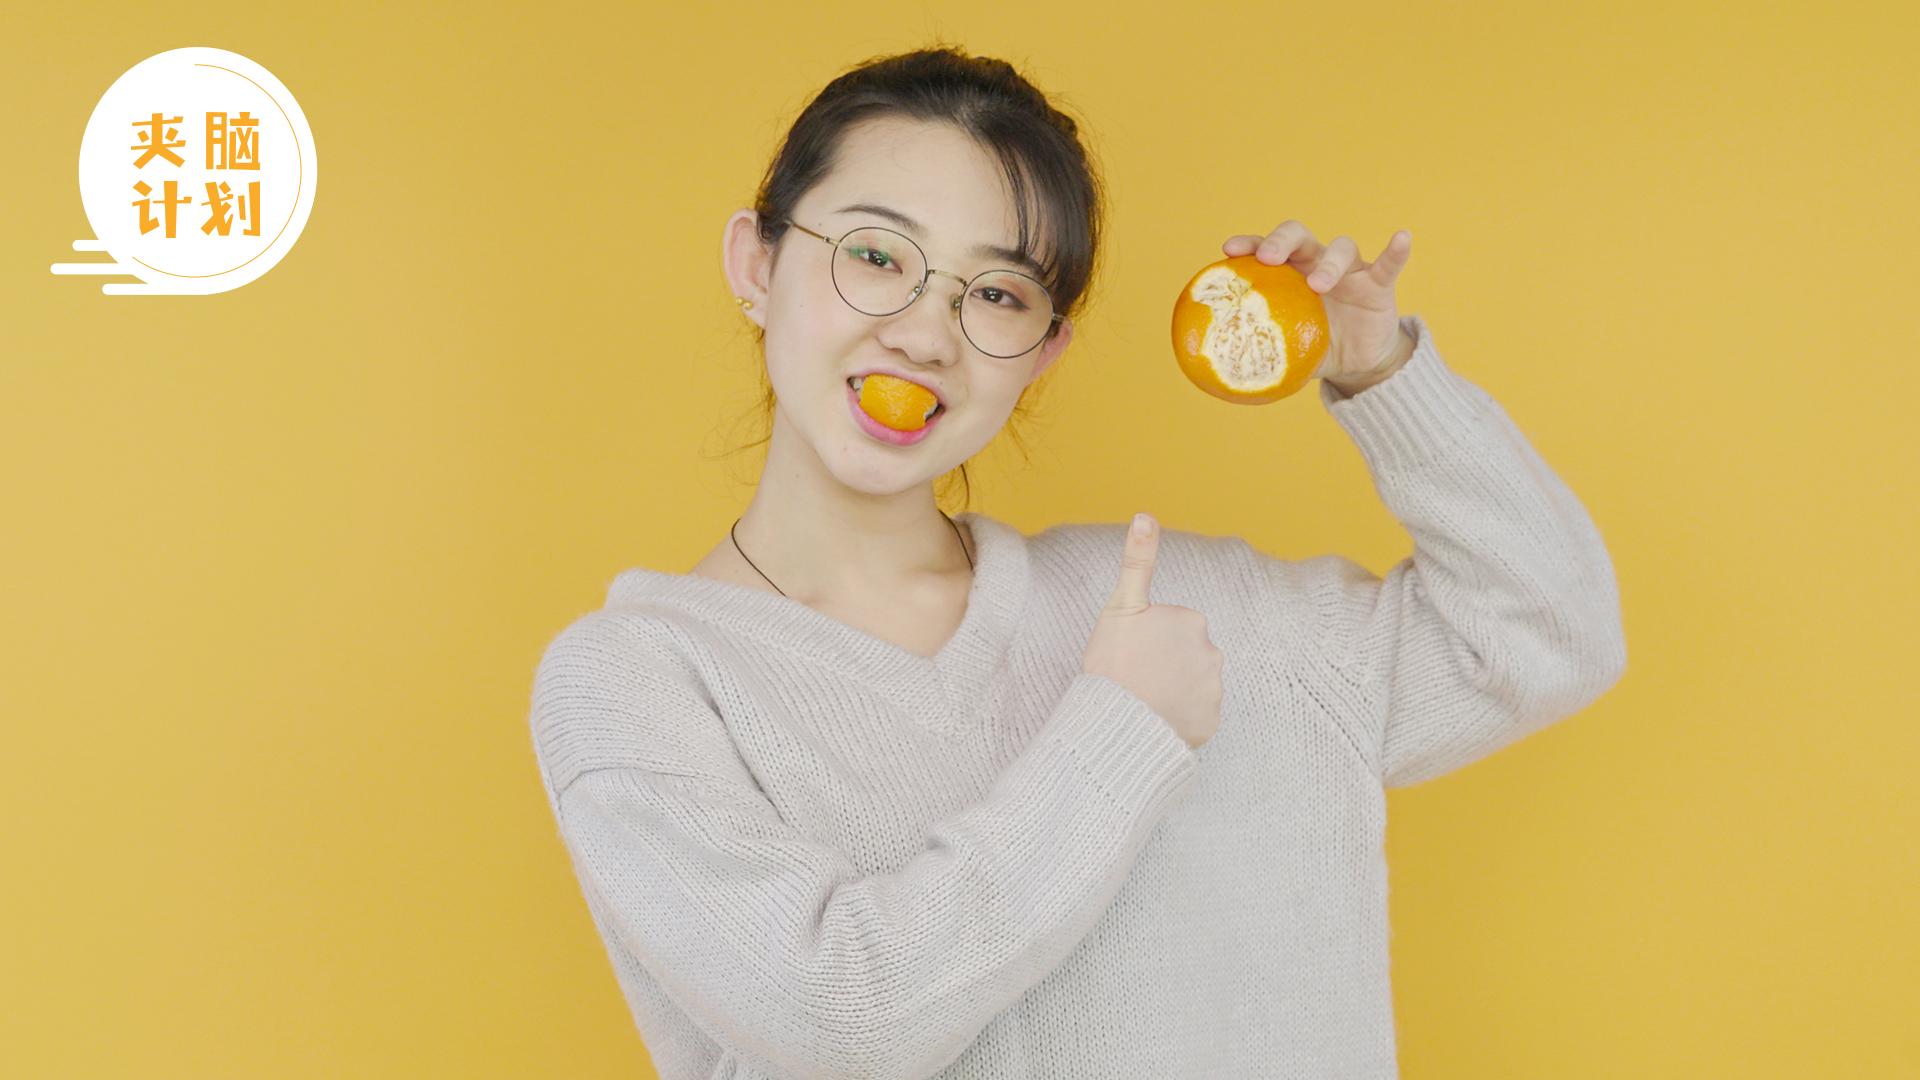 橘子皮的10种高能用法